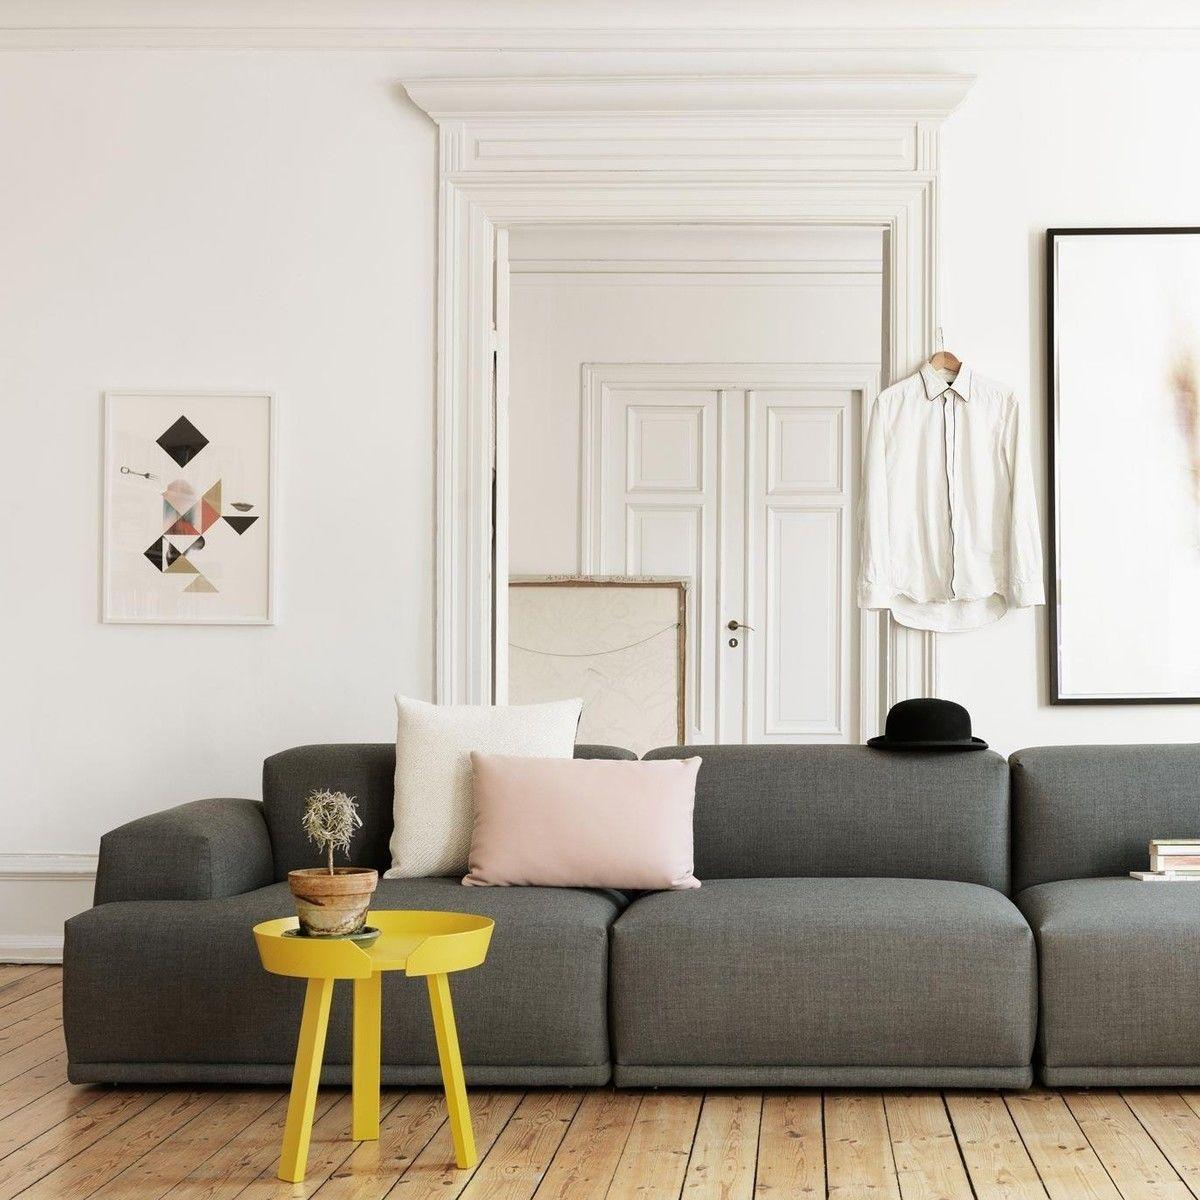 Ikea Stefan Chair